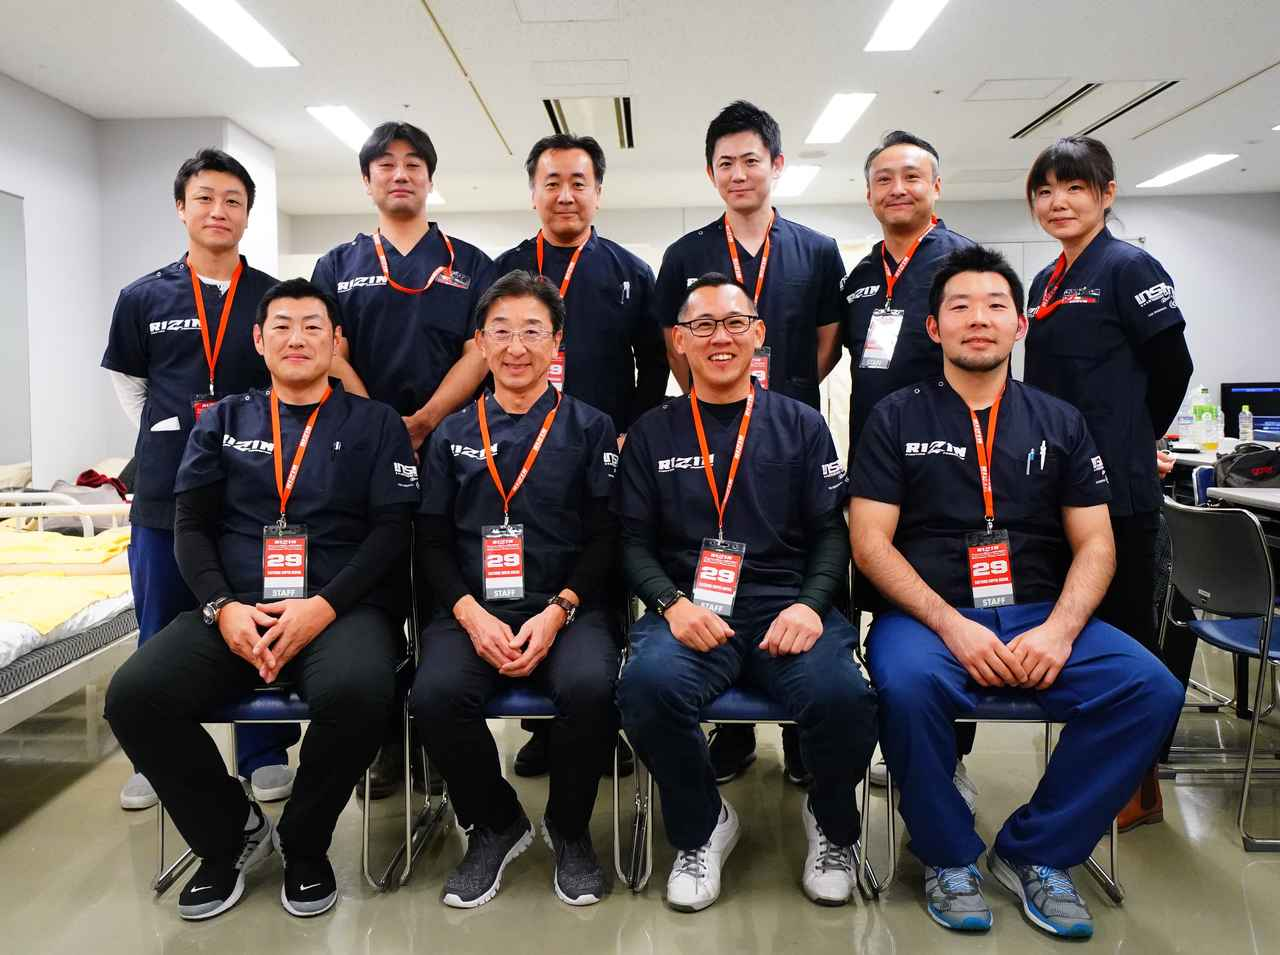 画像2: RIZINドクターがスポーツ領域の国内最大学会 「第10回日本関節鏡・膝・スポーツ整形外科学会」に参加